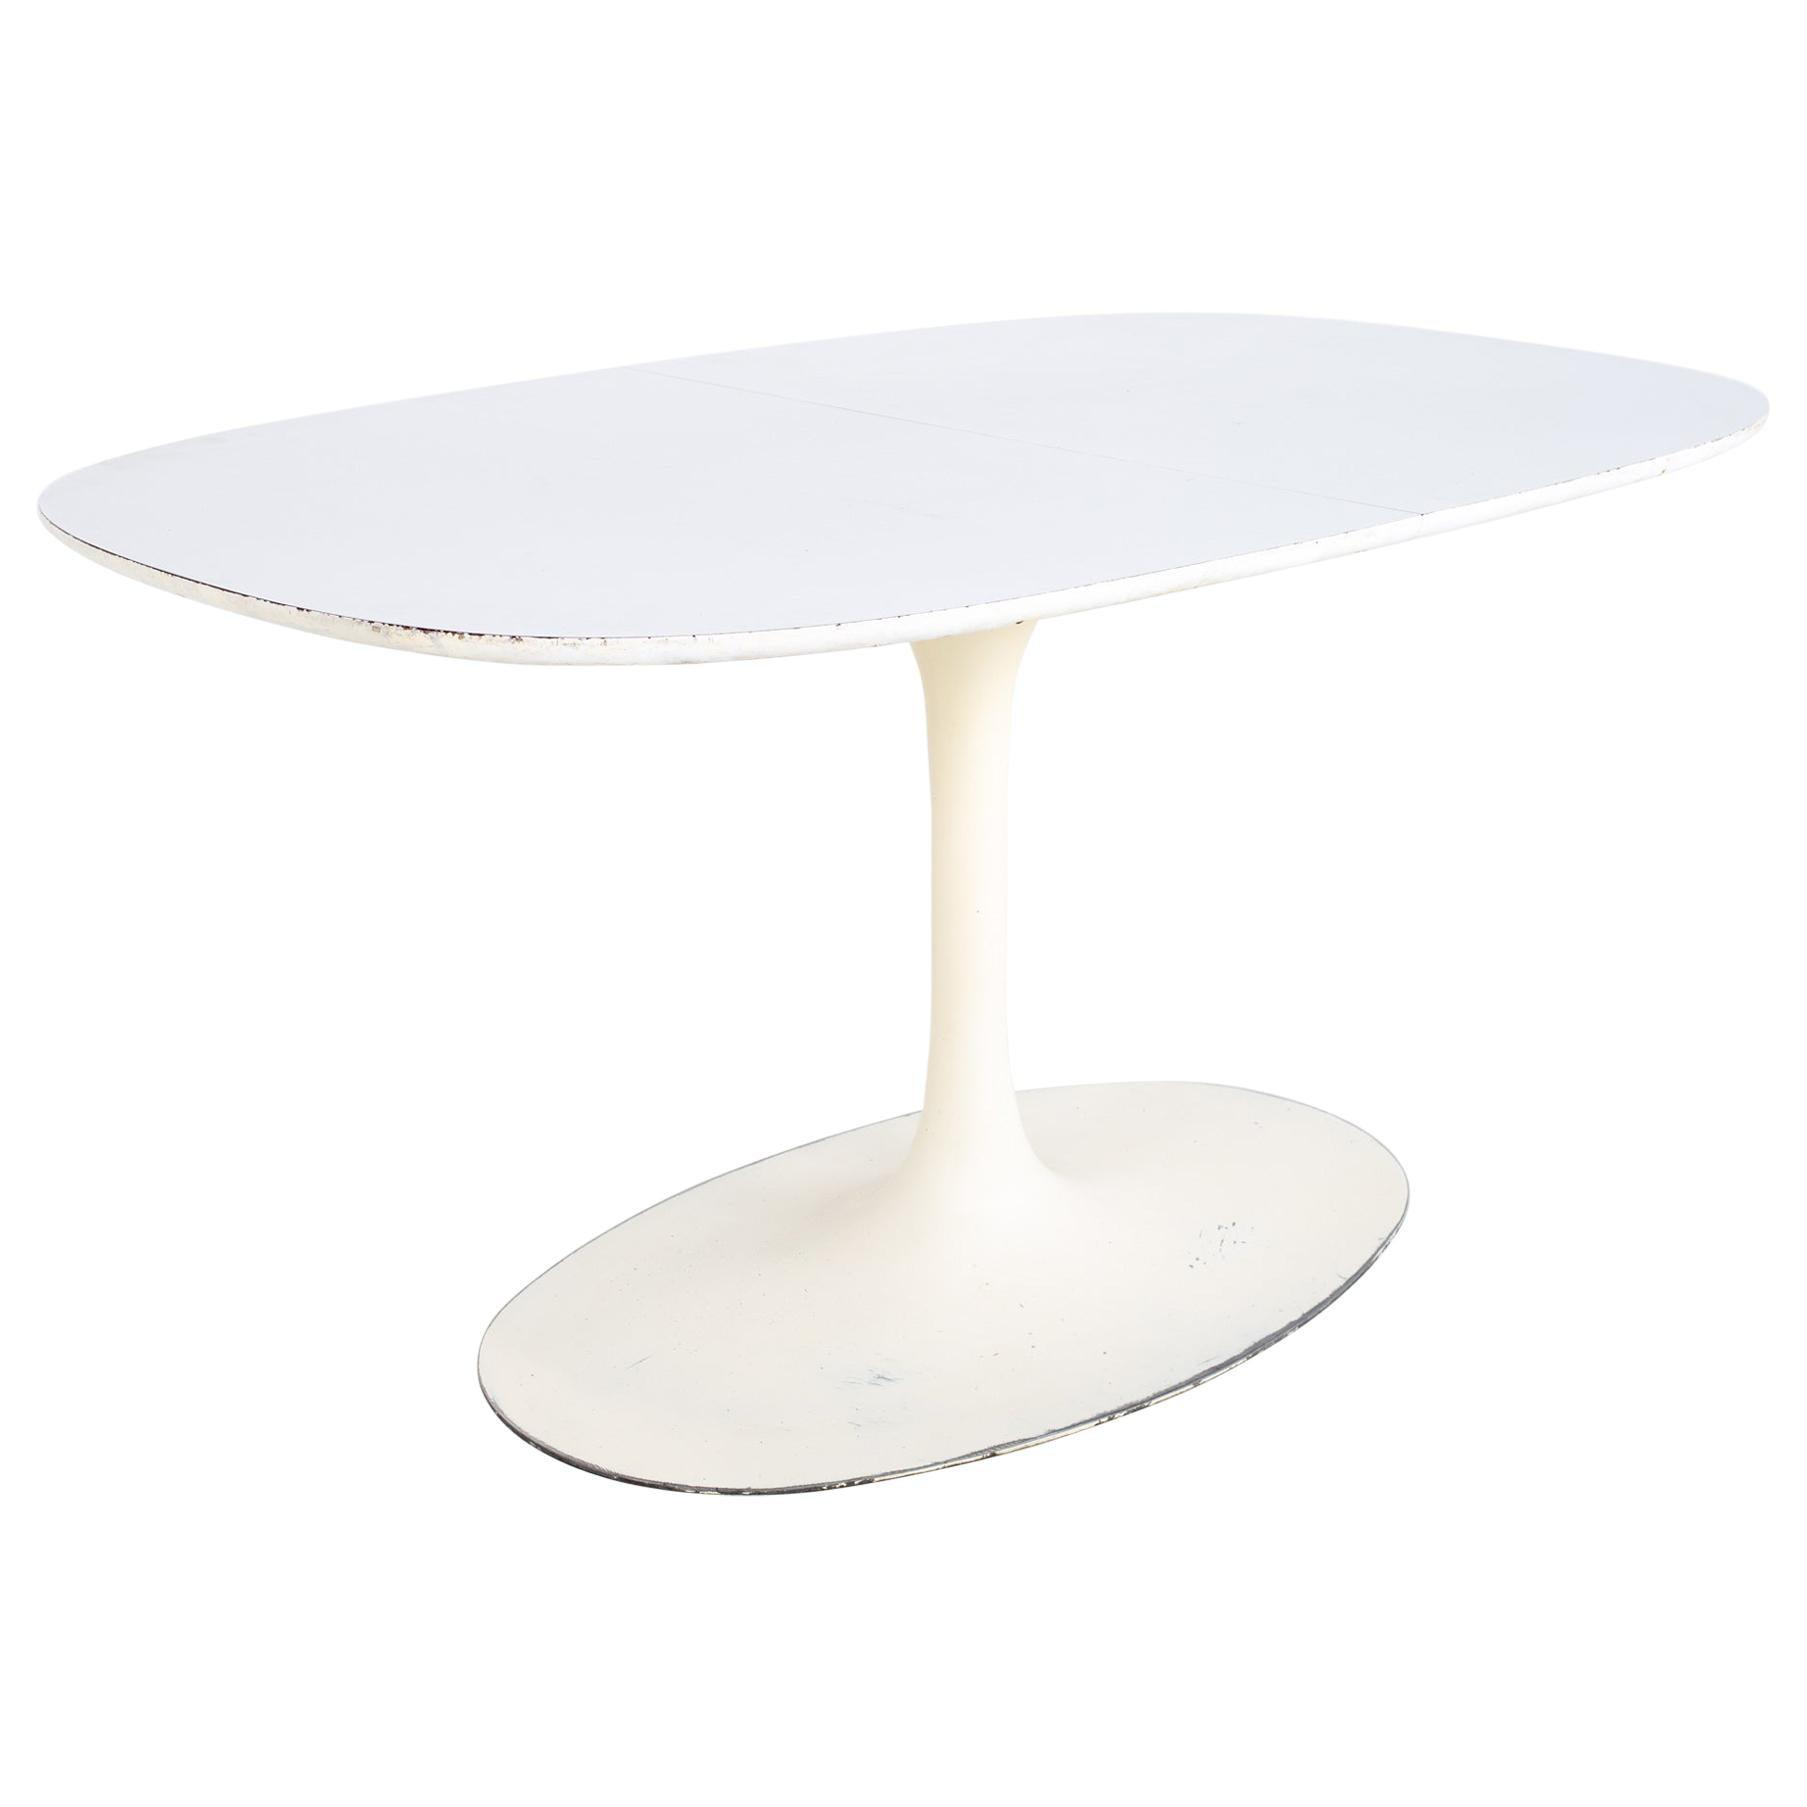 Eero Saarinen Style Burke Mid Century Expanding Oval Tulip Base Dining Table